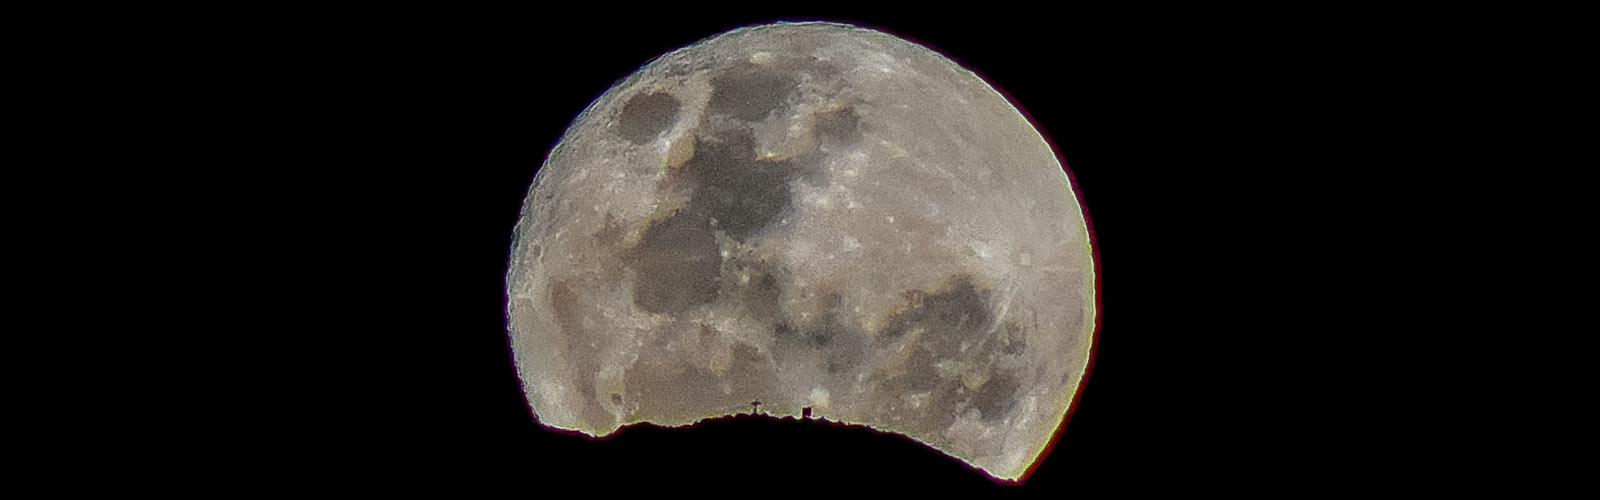 Capilla del Monte:Uritorco con luna